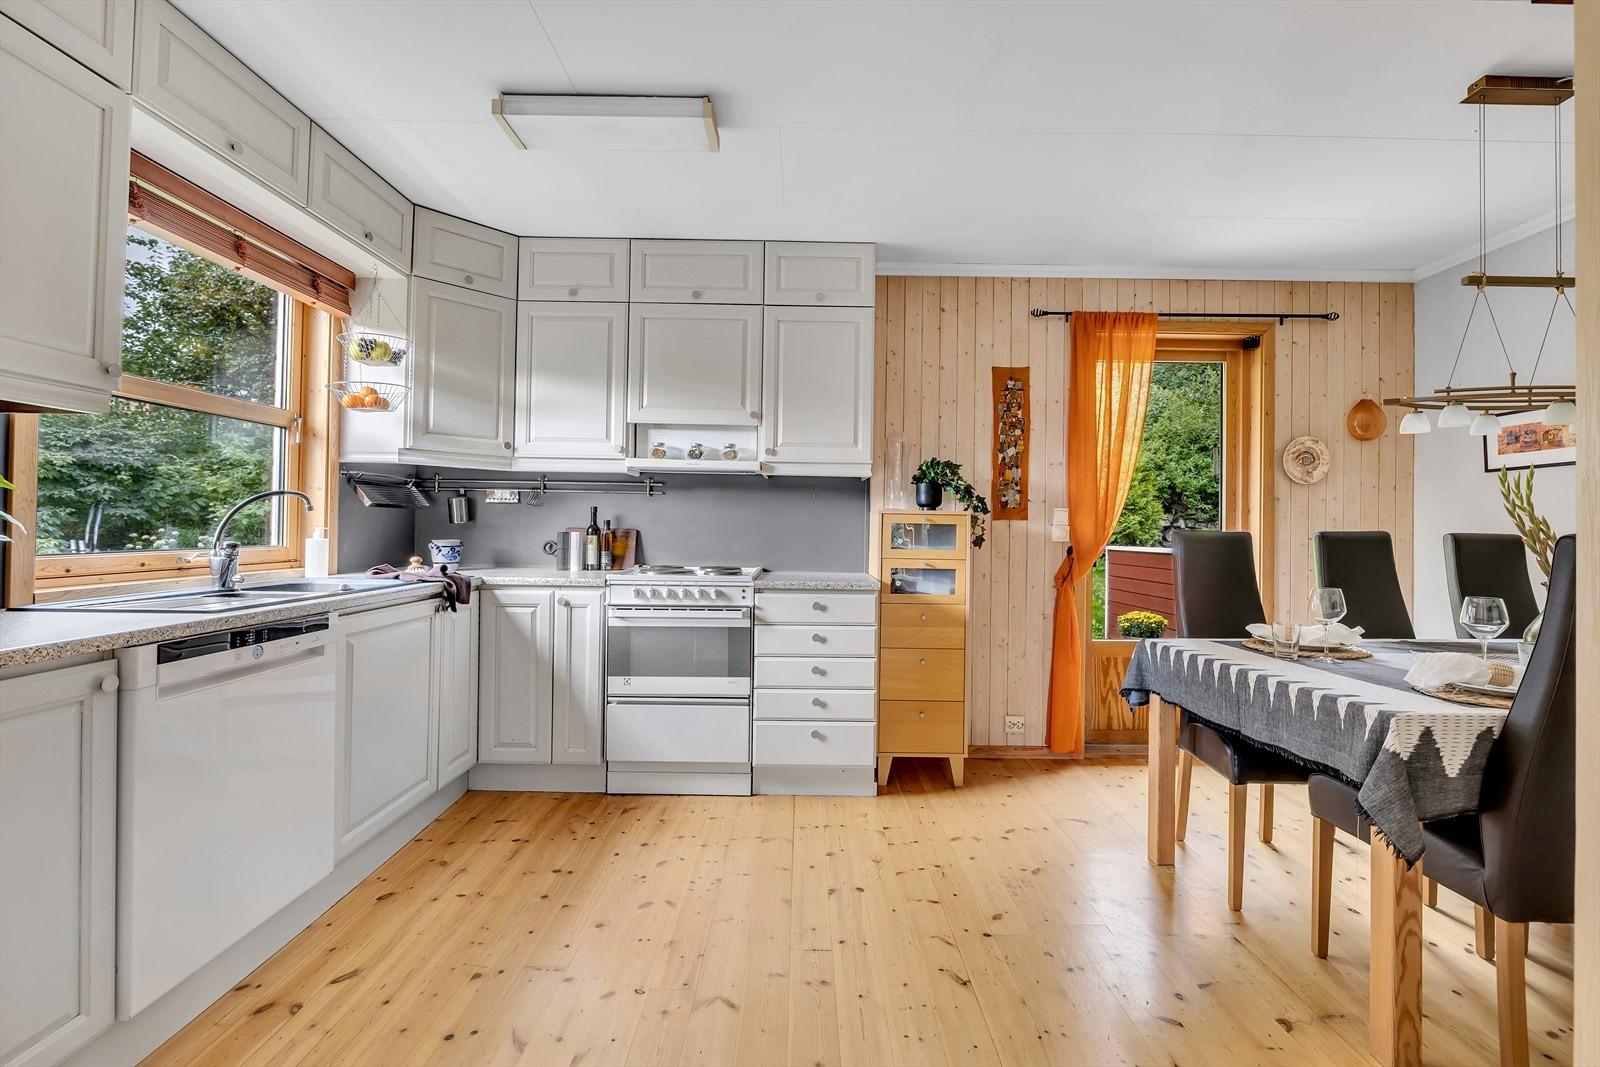 Kjøkkenet er innholdsrikt med god benke- og oppbevaringsplass